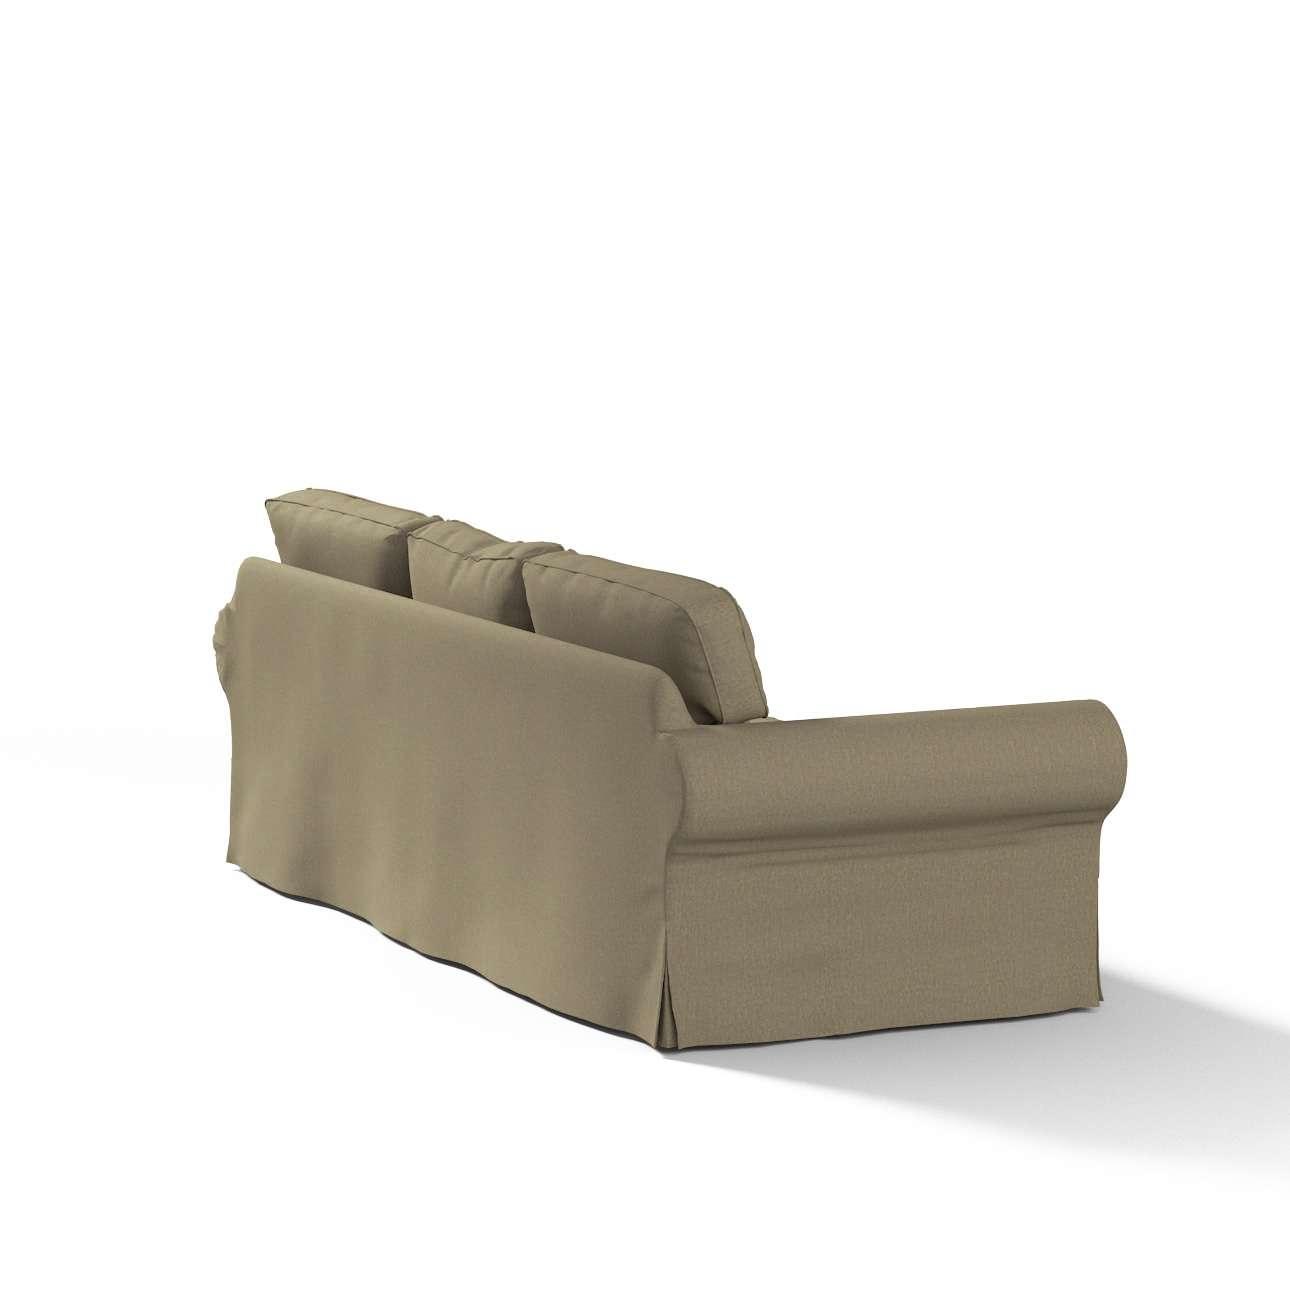 Ektorp trivietės sofos-lovos užvalkalas kolekcijoje Chenille, audinys: 702-21